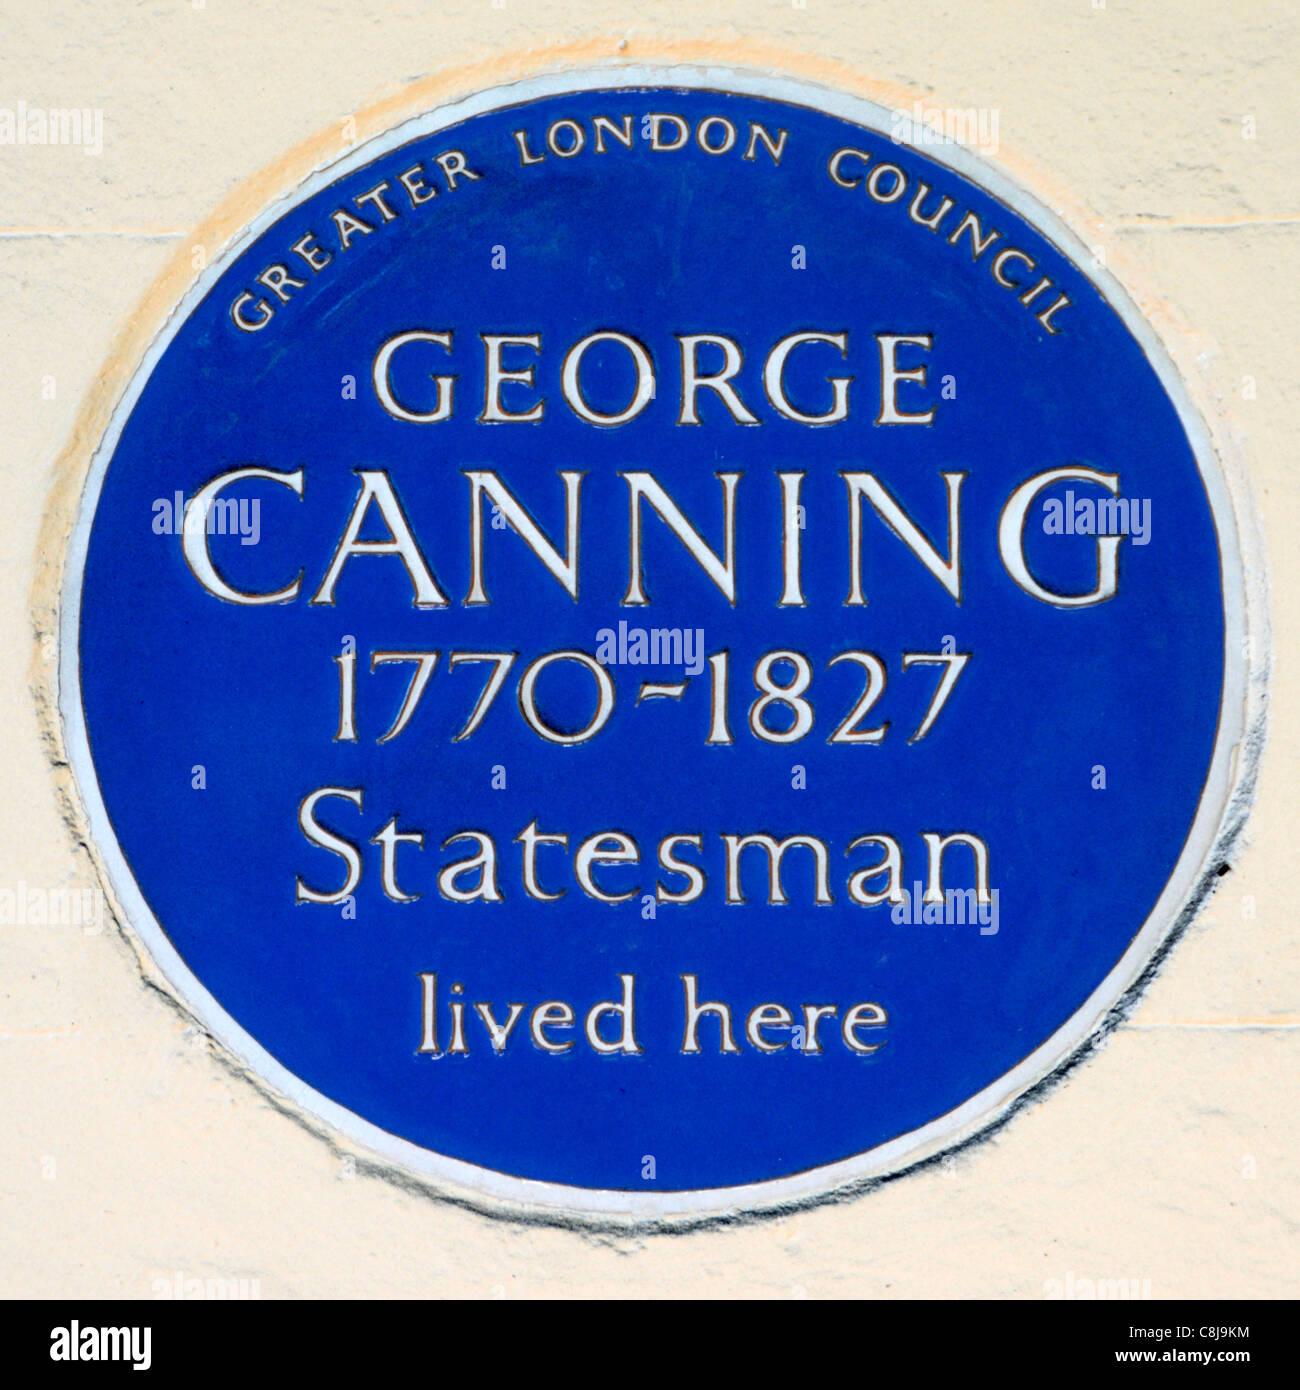 Greater London Council blue plaque hommage à George Canning homme d'État britannique et homme politique conservateur vivaient ici Mayfair London England UK West End Banque D'Images